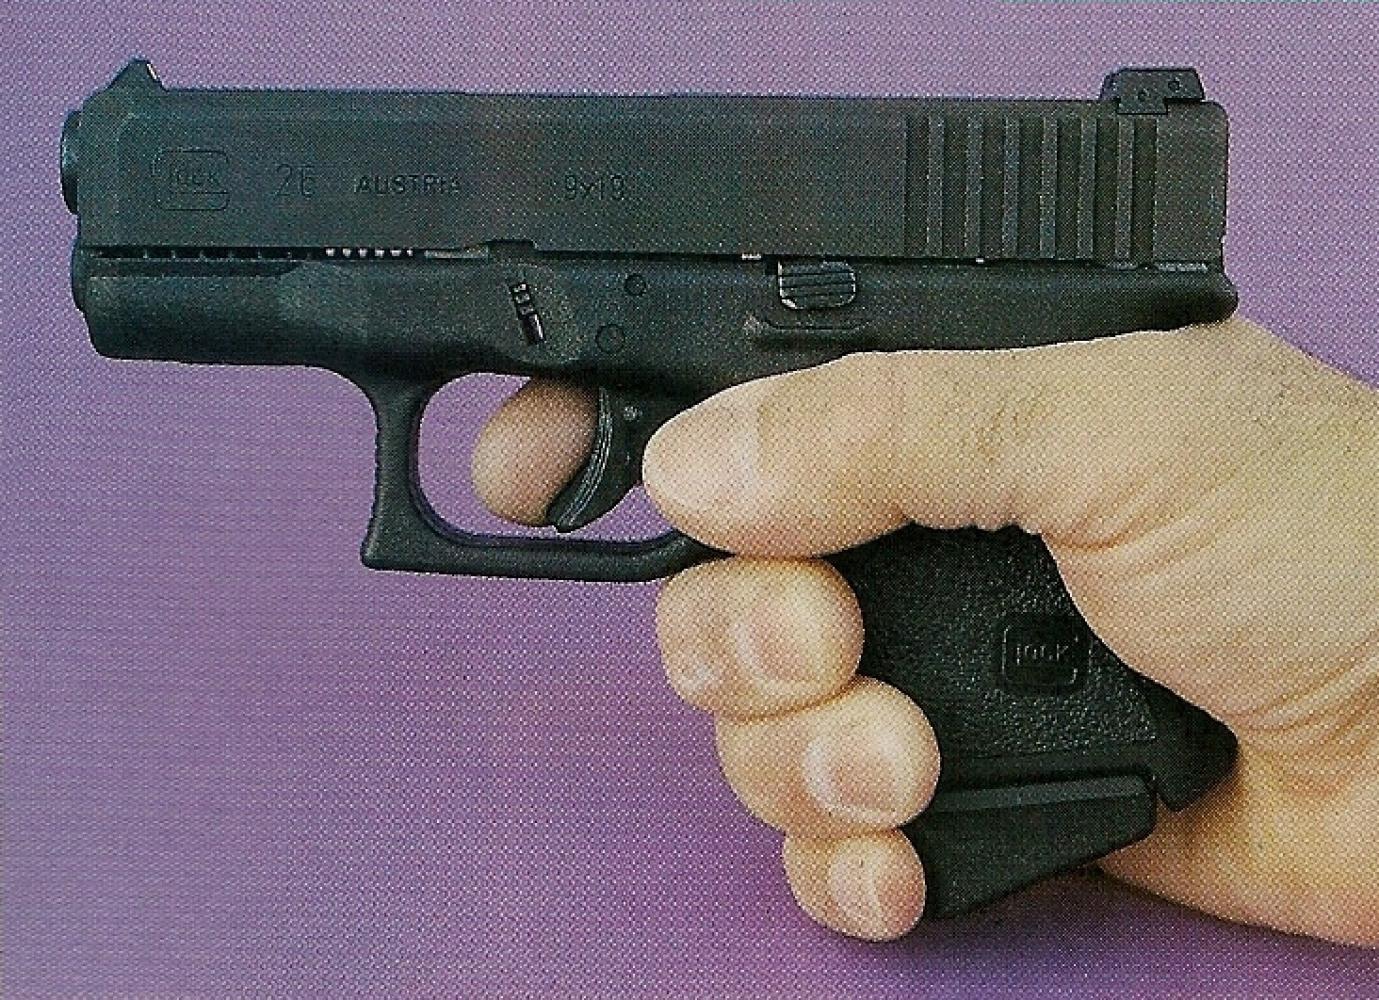 Le Glock 26 offre une prise en mains tout à fait convenable malgré sa poignée très courte. L'emploi d'un talon de chargeur oblique permet de placer l'auriculaire.